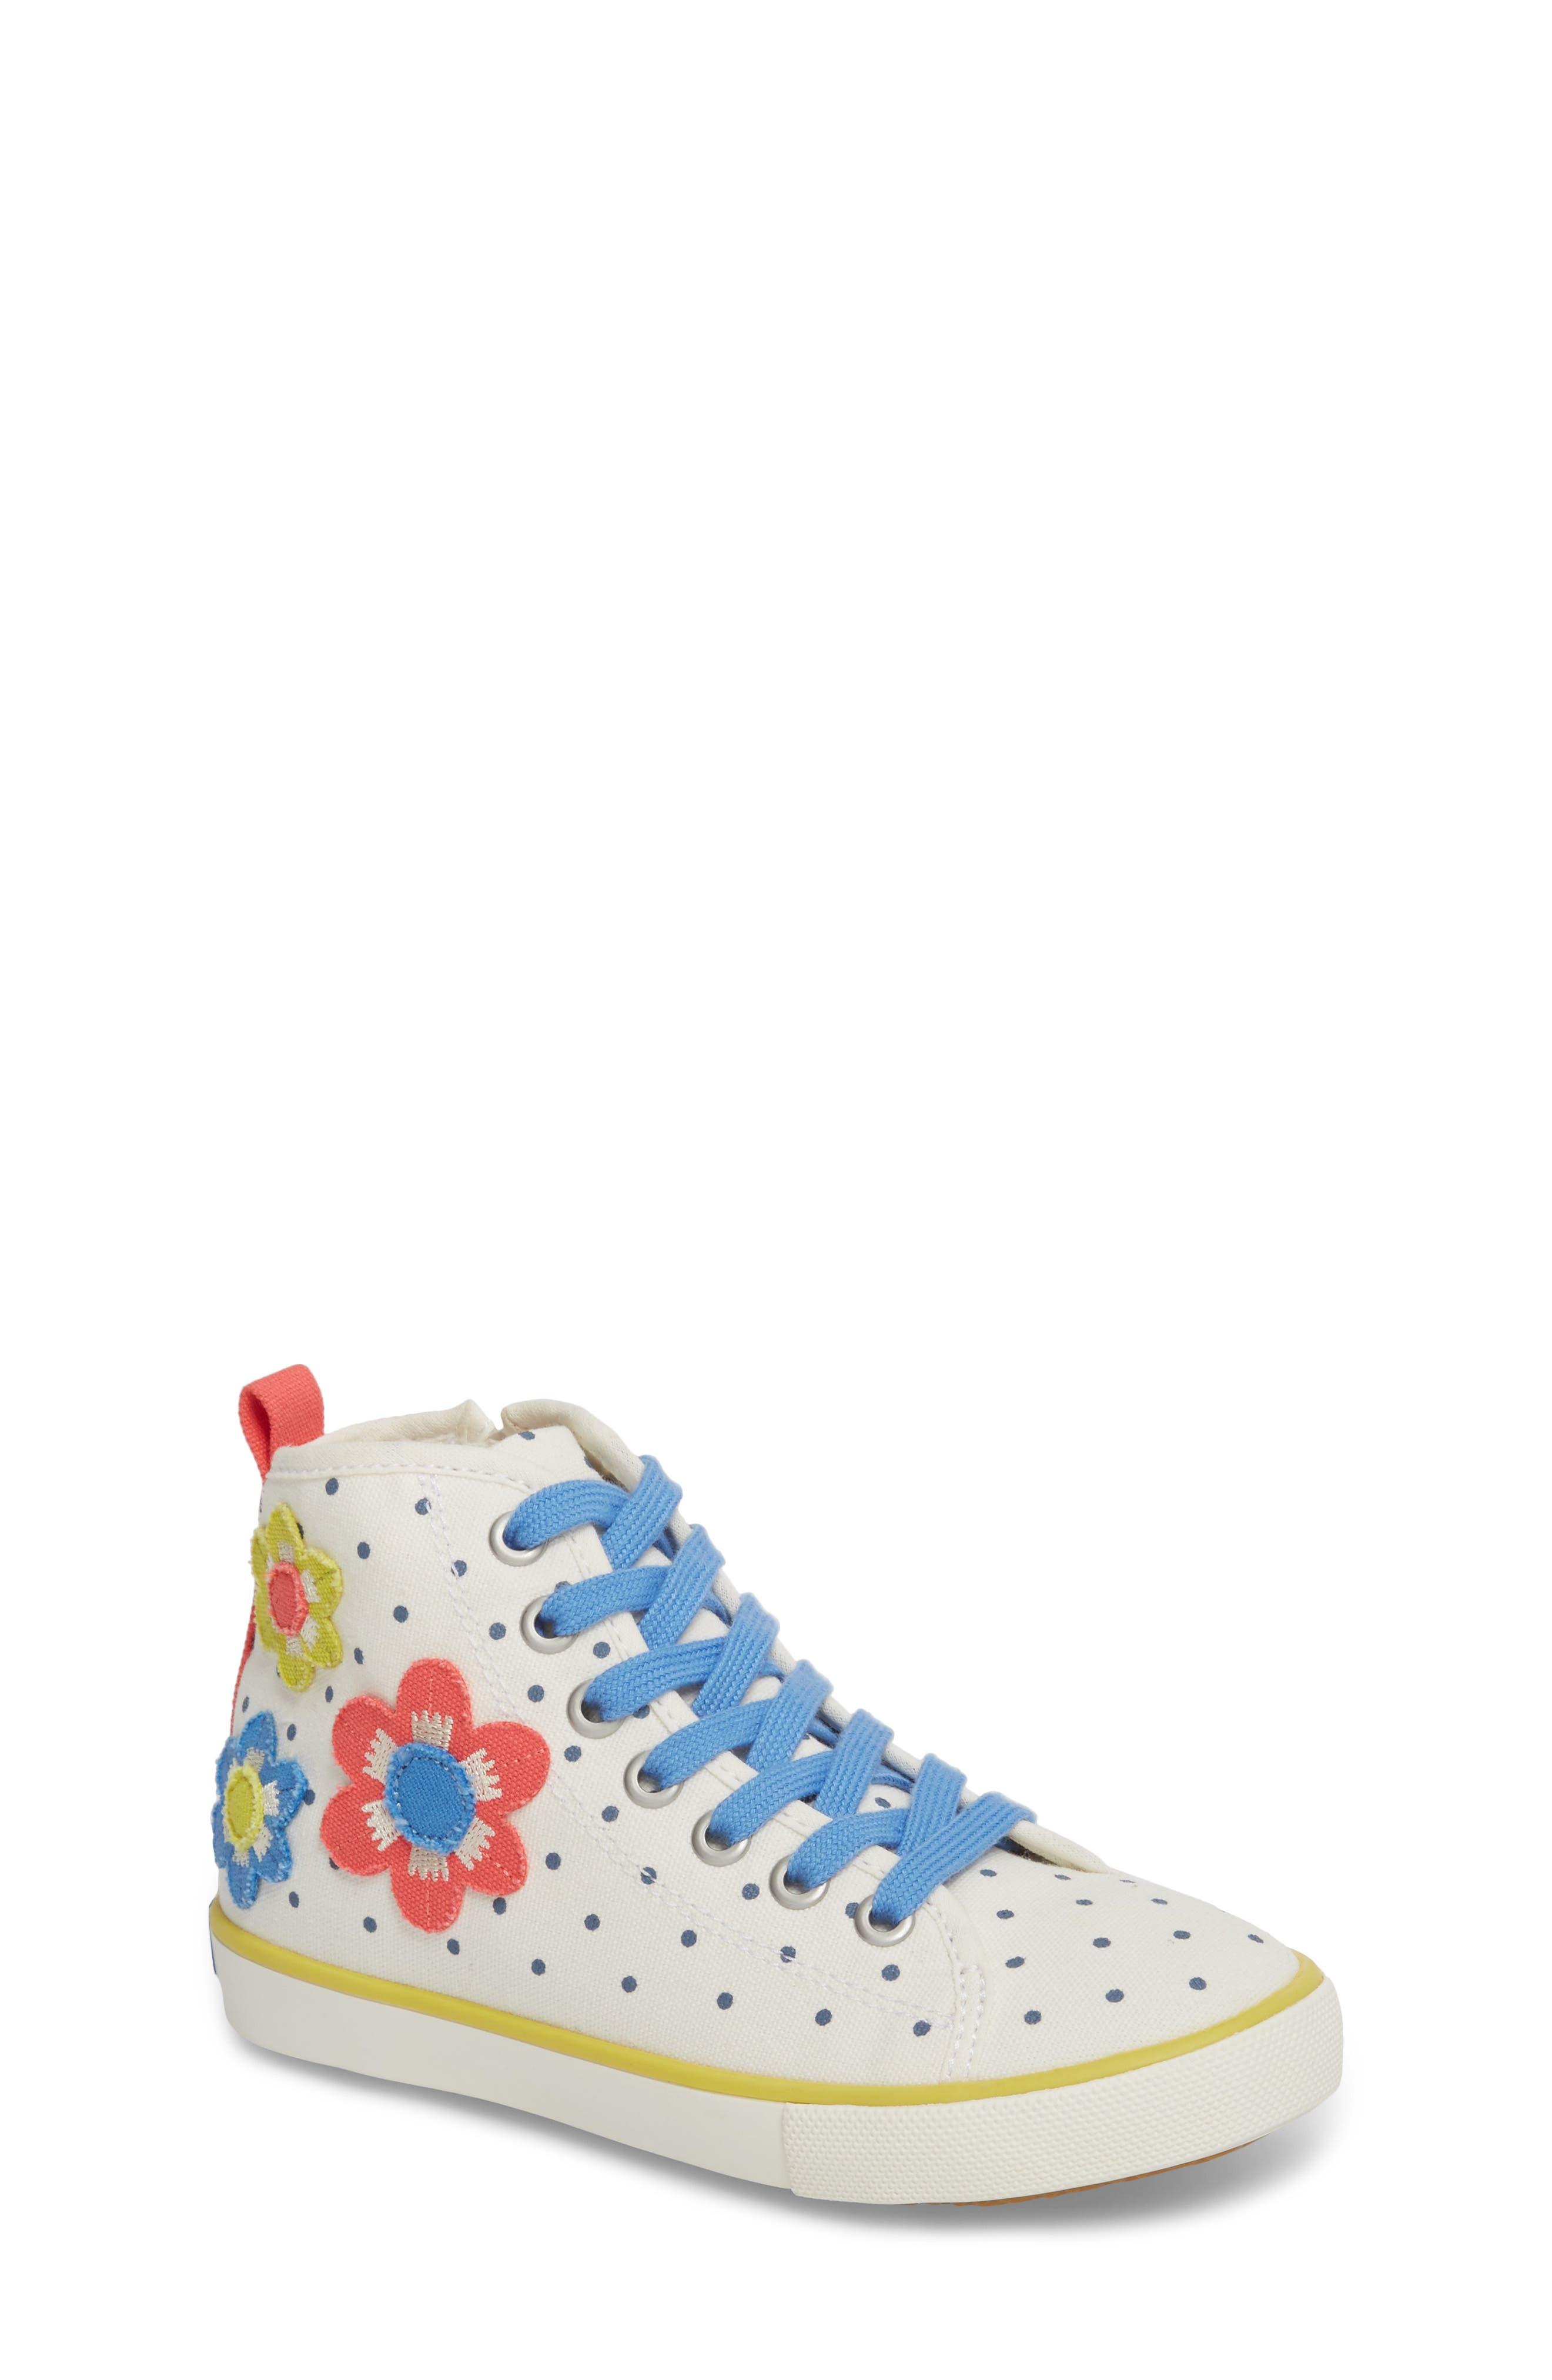 Appliqué High Top Sneaker,                             Main thumbnail 1, color,                             254